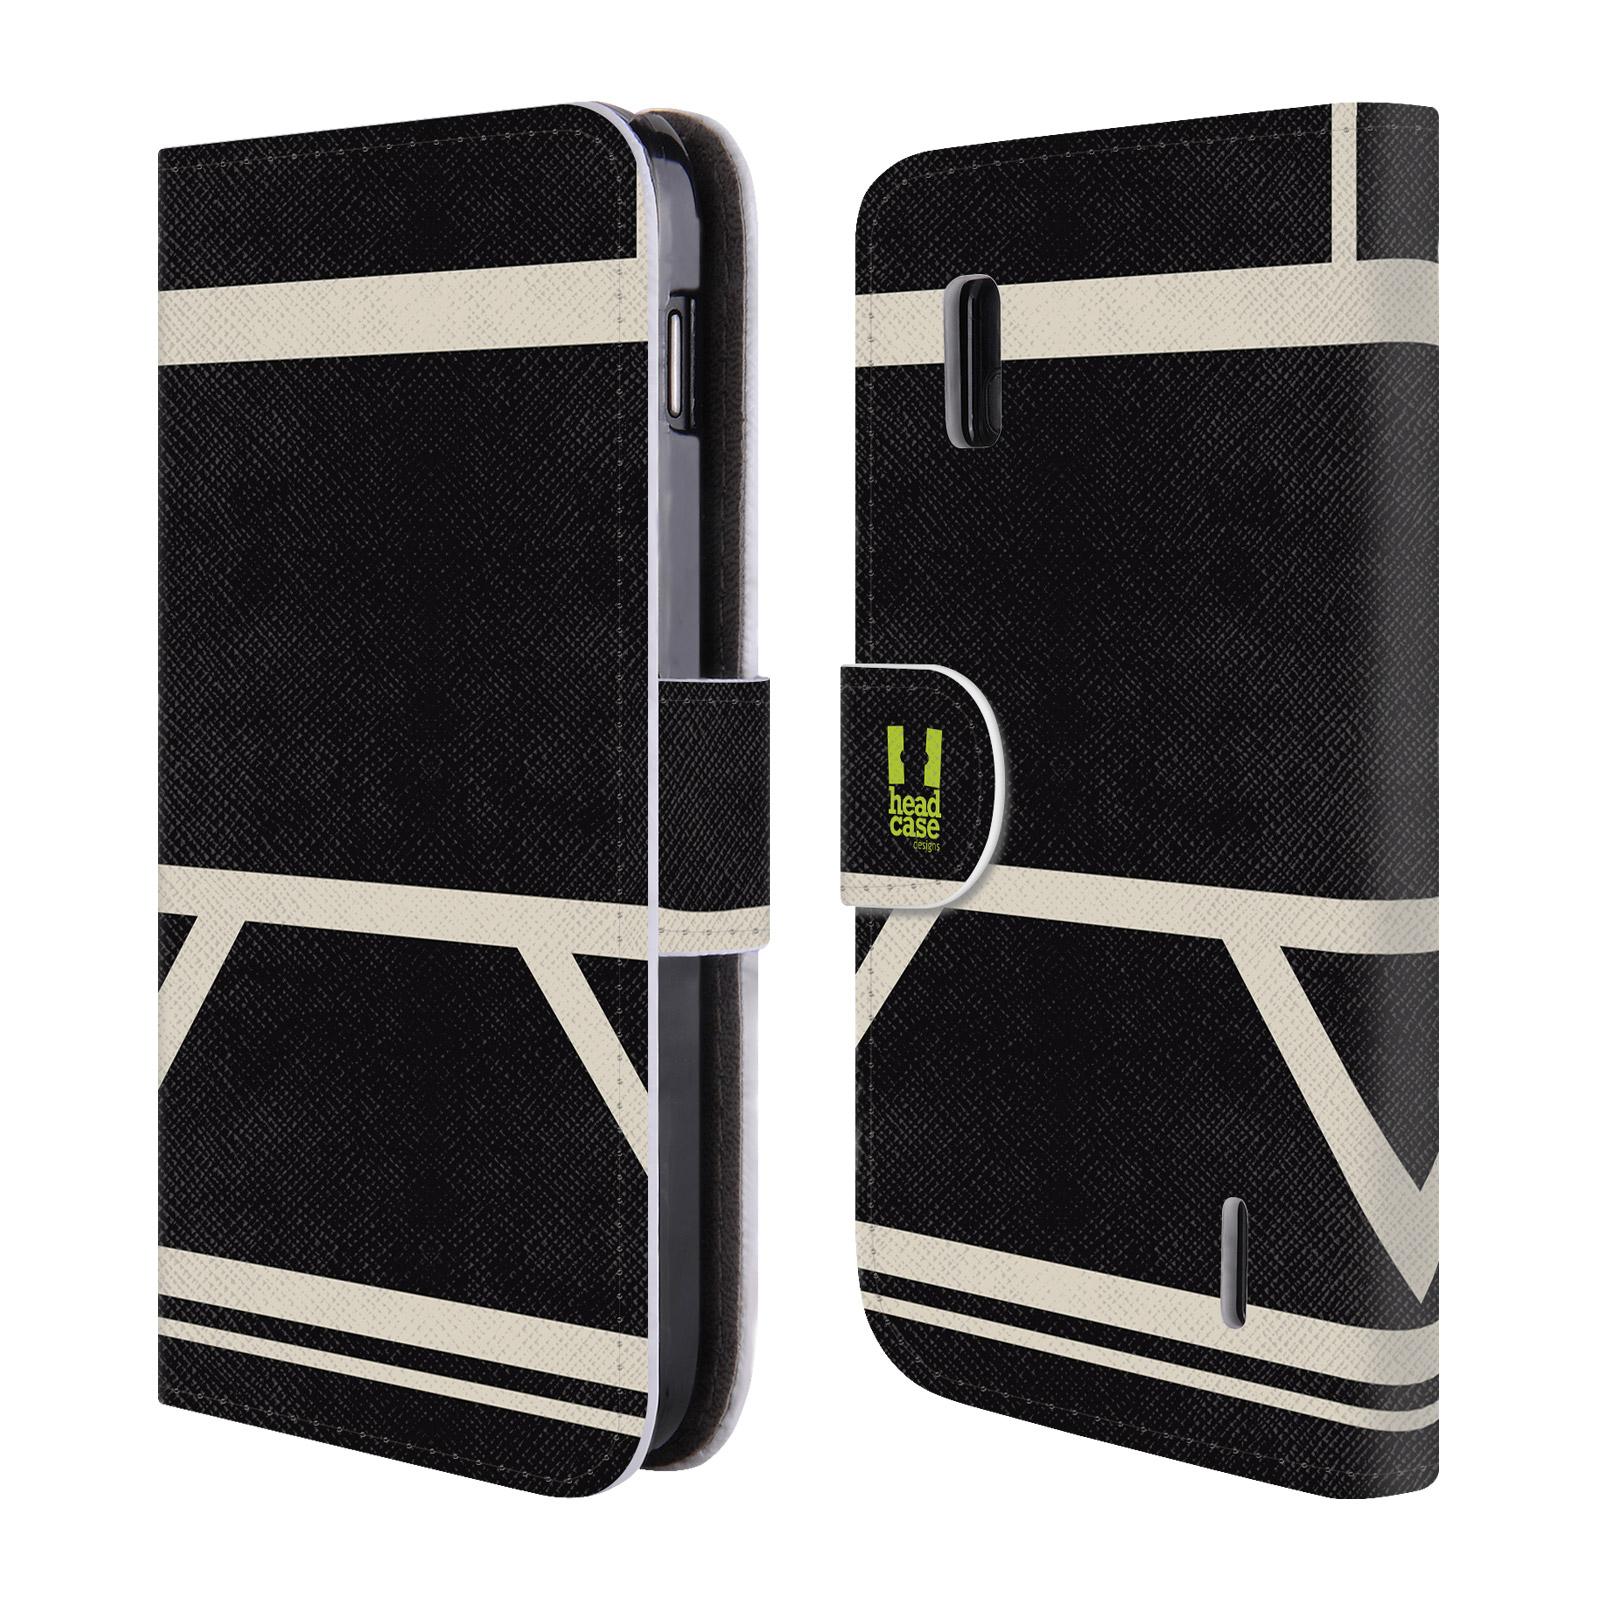 HEAD CASE Flipové pouzdro pro mobil LG NEXUS 4 barevné tvary černá a bílá proužek